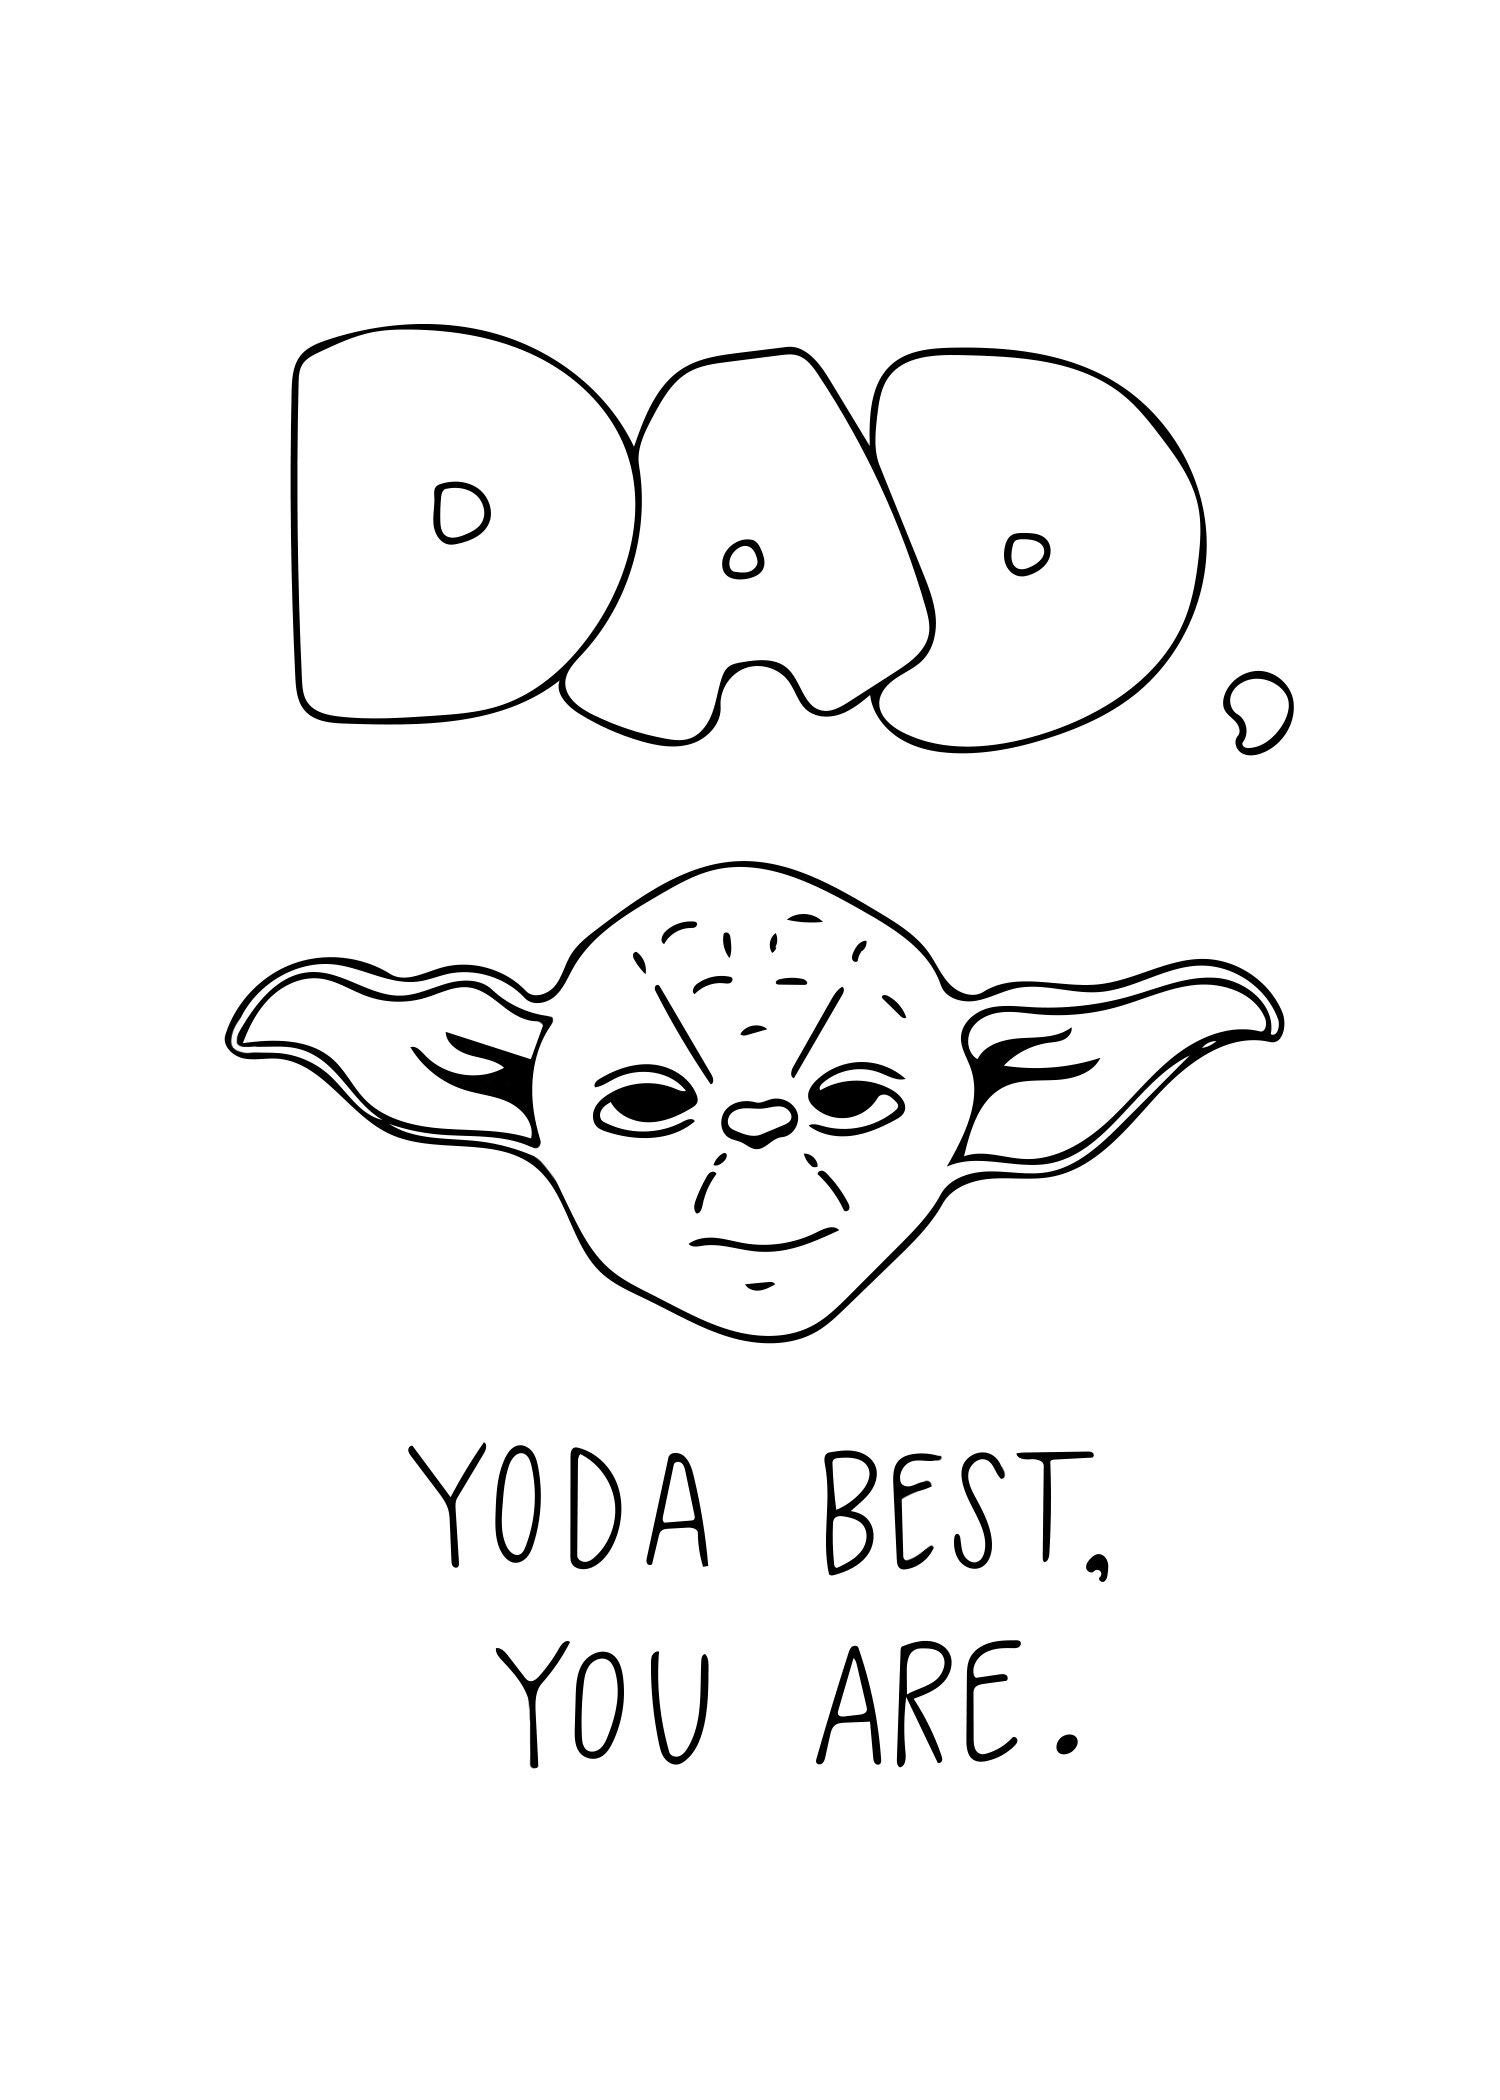 Dad Yoda Best.jpg